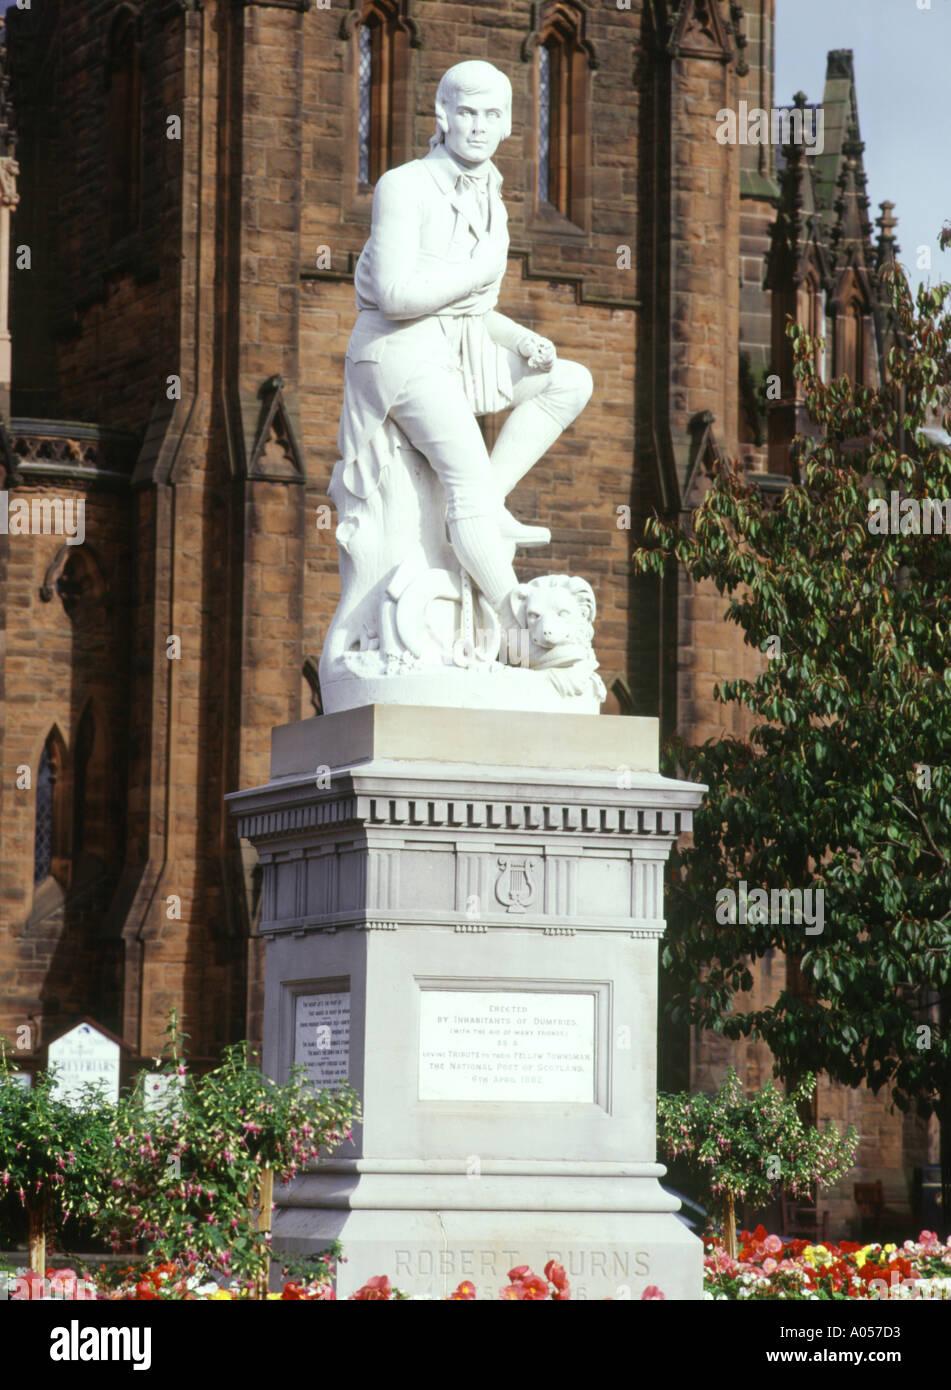 dh Robert Burns DUMFRIES GALLOWAY Robbie Statuenpoet bard historische schottische Figuren schottische Denkmäler Stockfoto